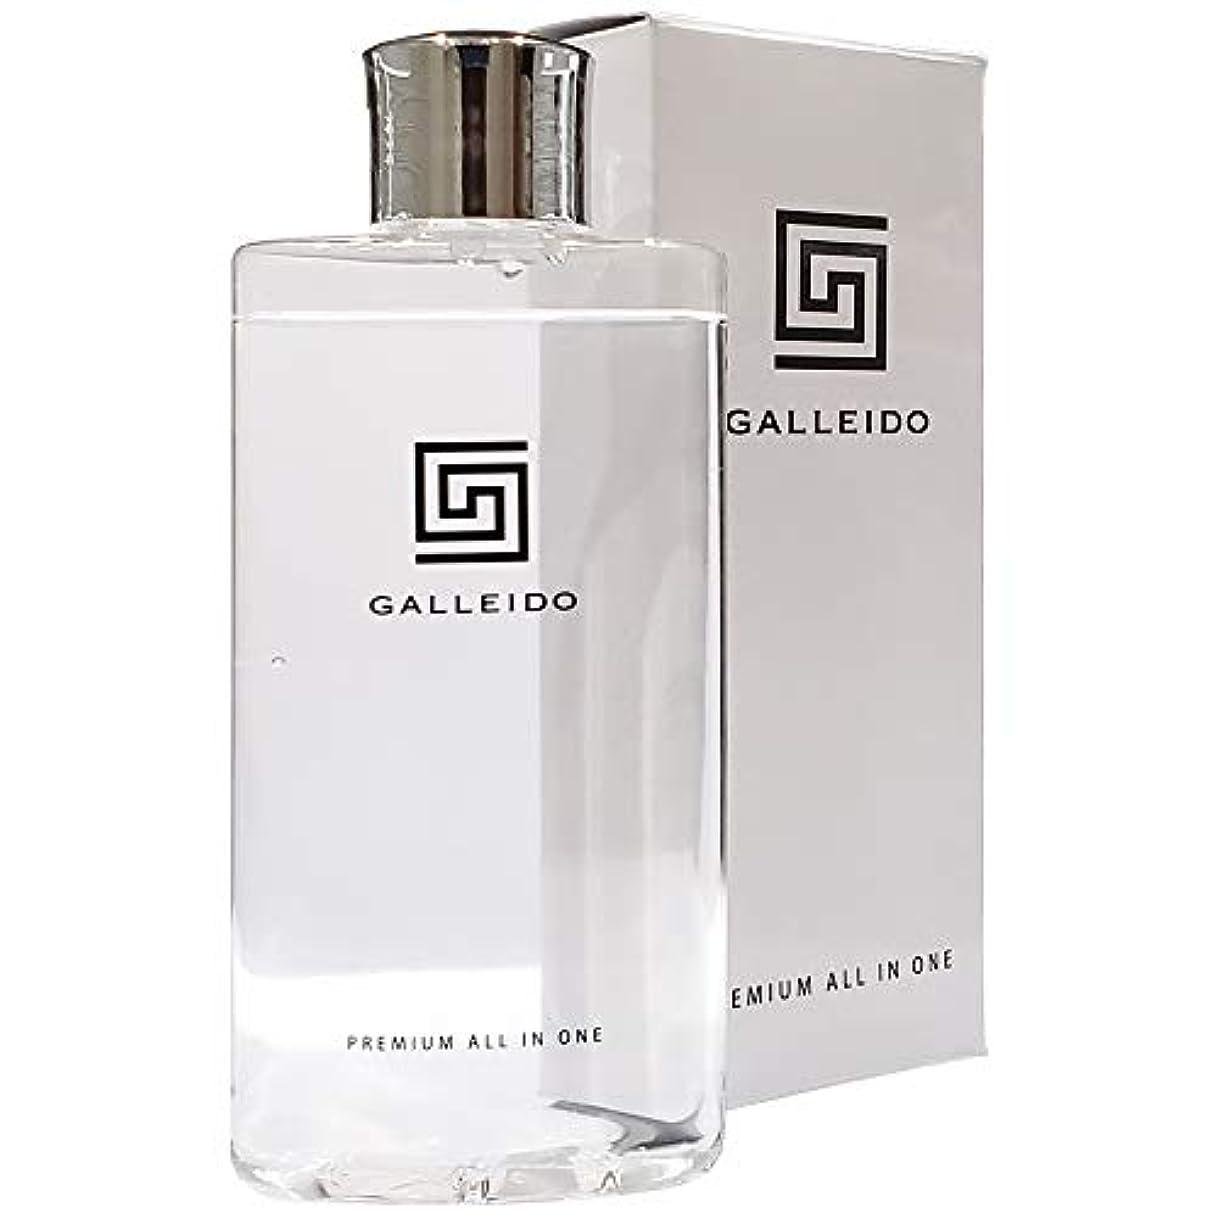 開示する木曜日解決GALLEIDO PREMIUM ALL IN ONE(ガレイド プレミアム オールインワン化粧水)(メンズコスメ 男性 化粧水)(単品)